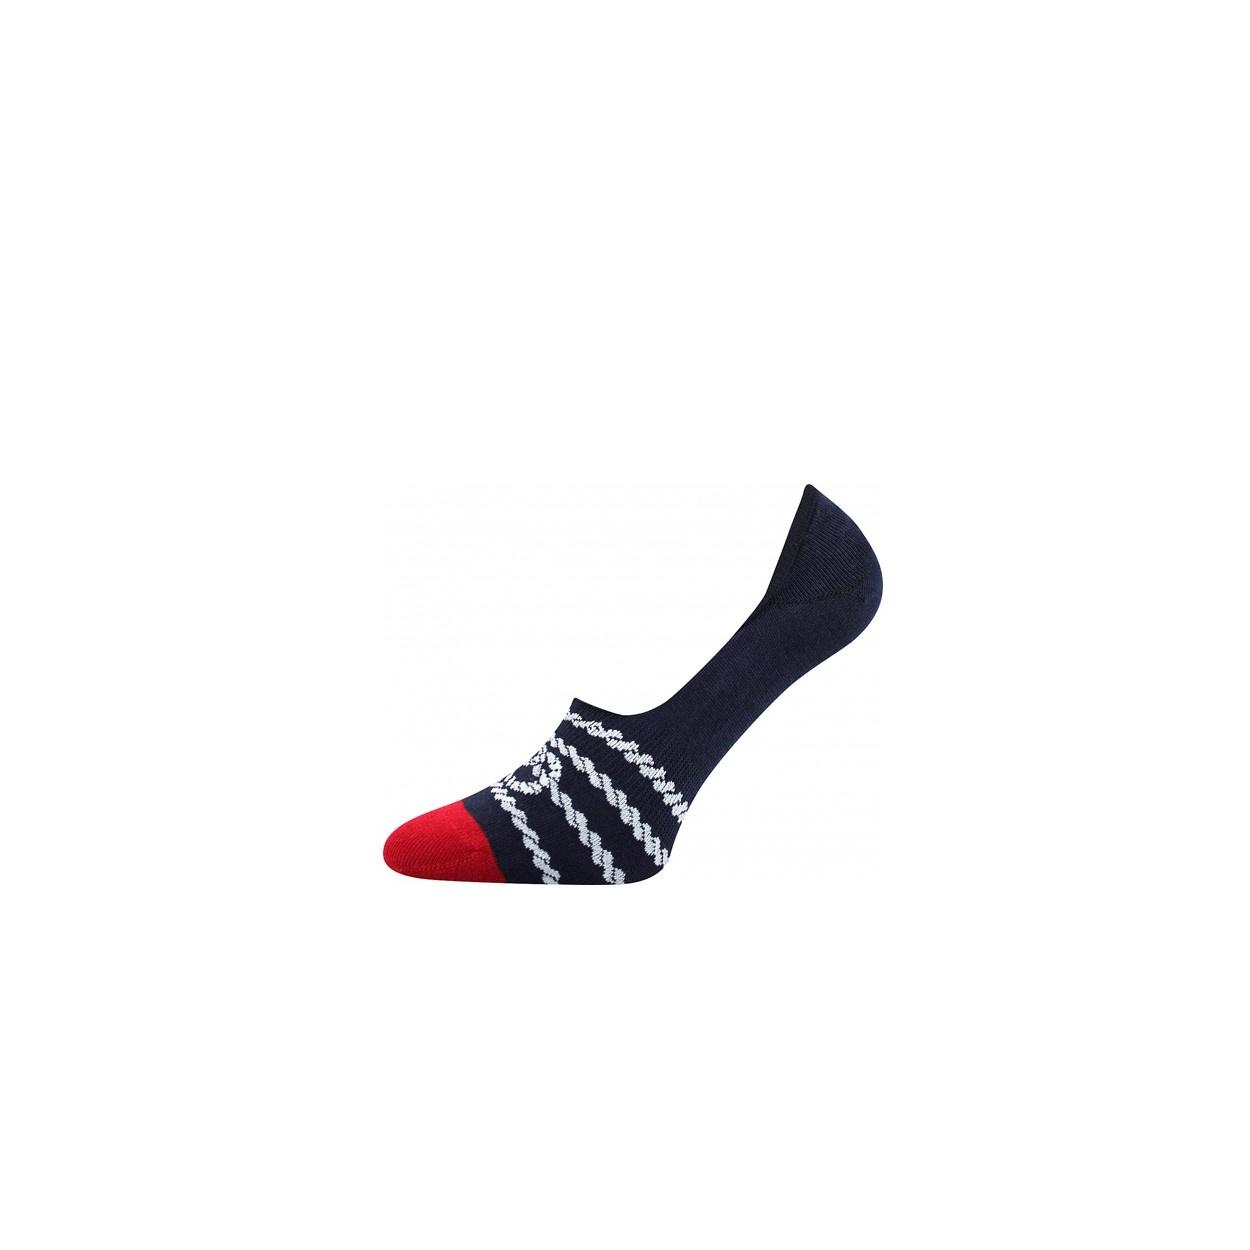 Tmavě modro červené pánské nízké ponožky PROVAZ